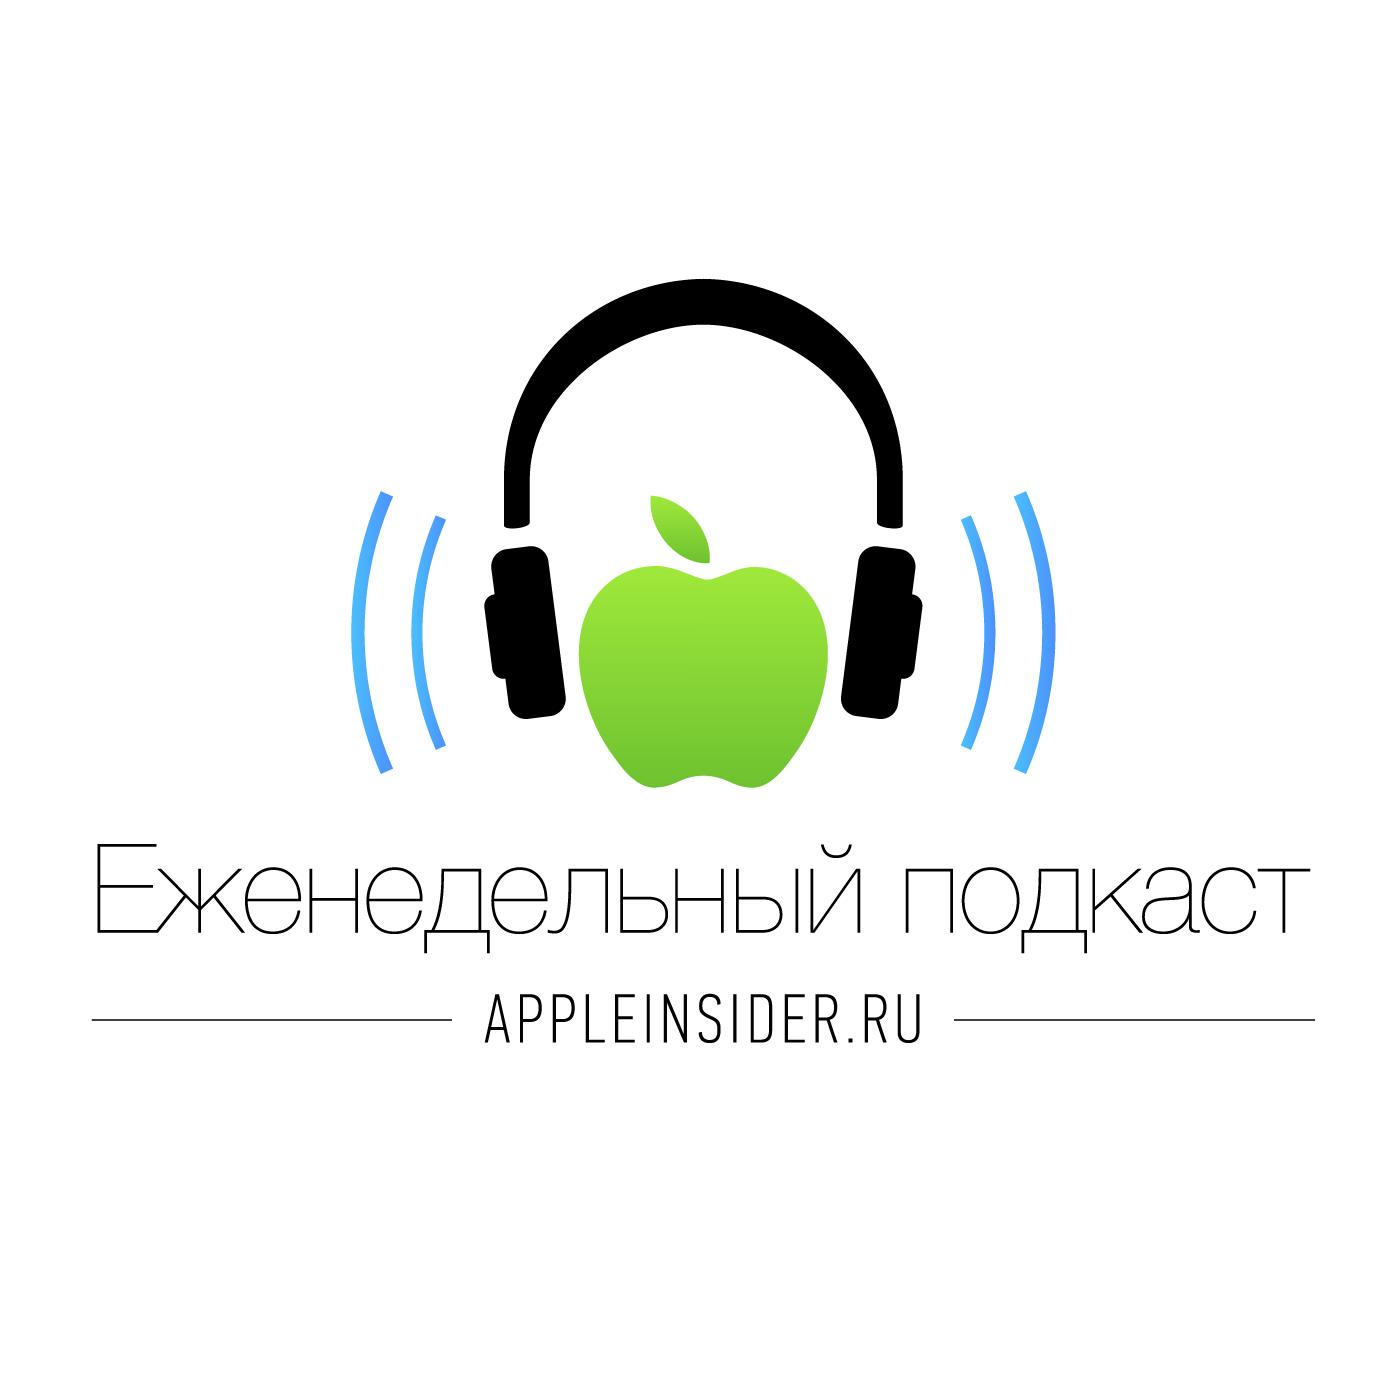 Миша Королев Apple хочет разорить конкурентов Apple Music цена